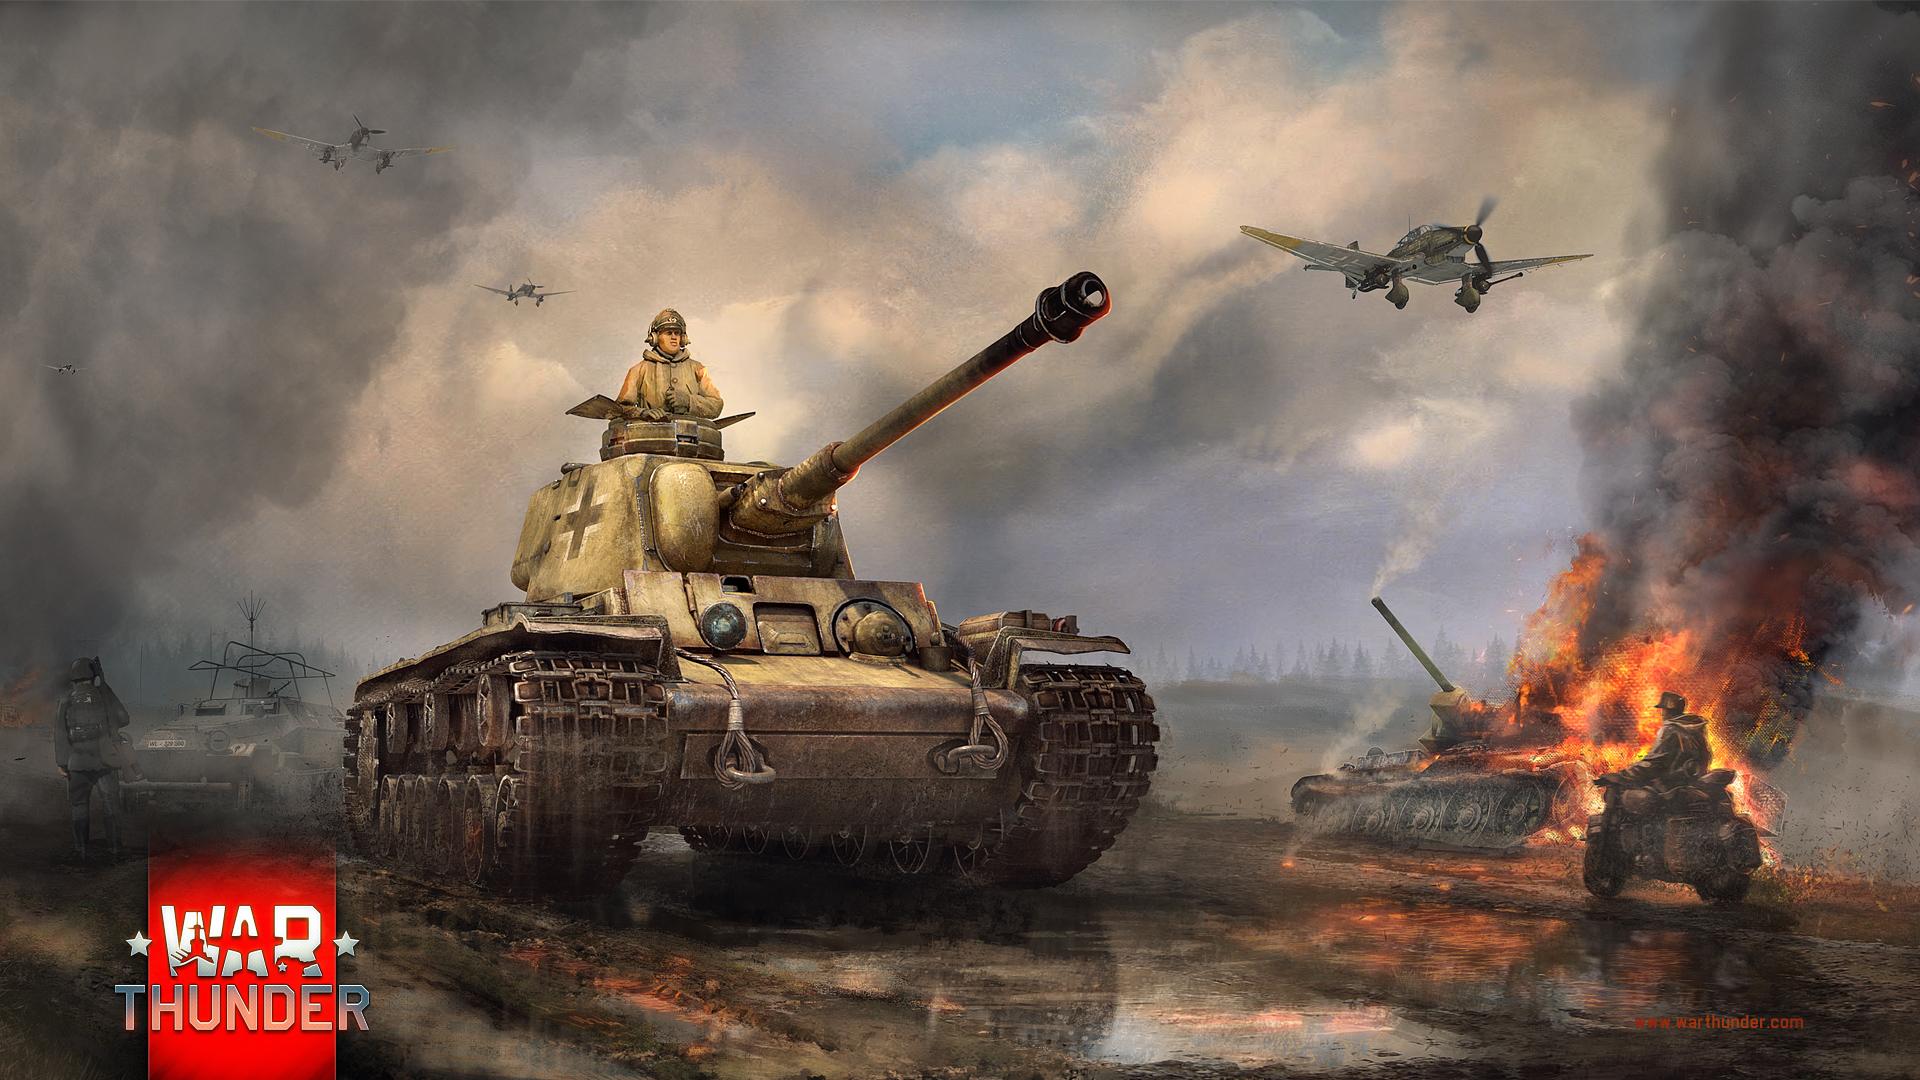 War thunder best end game fighter download